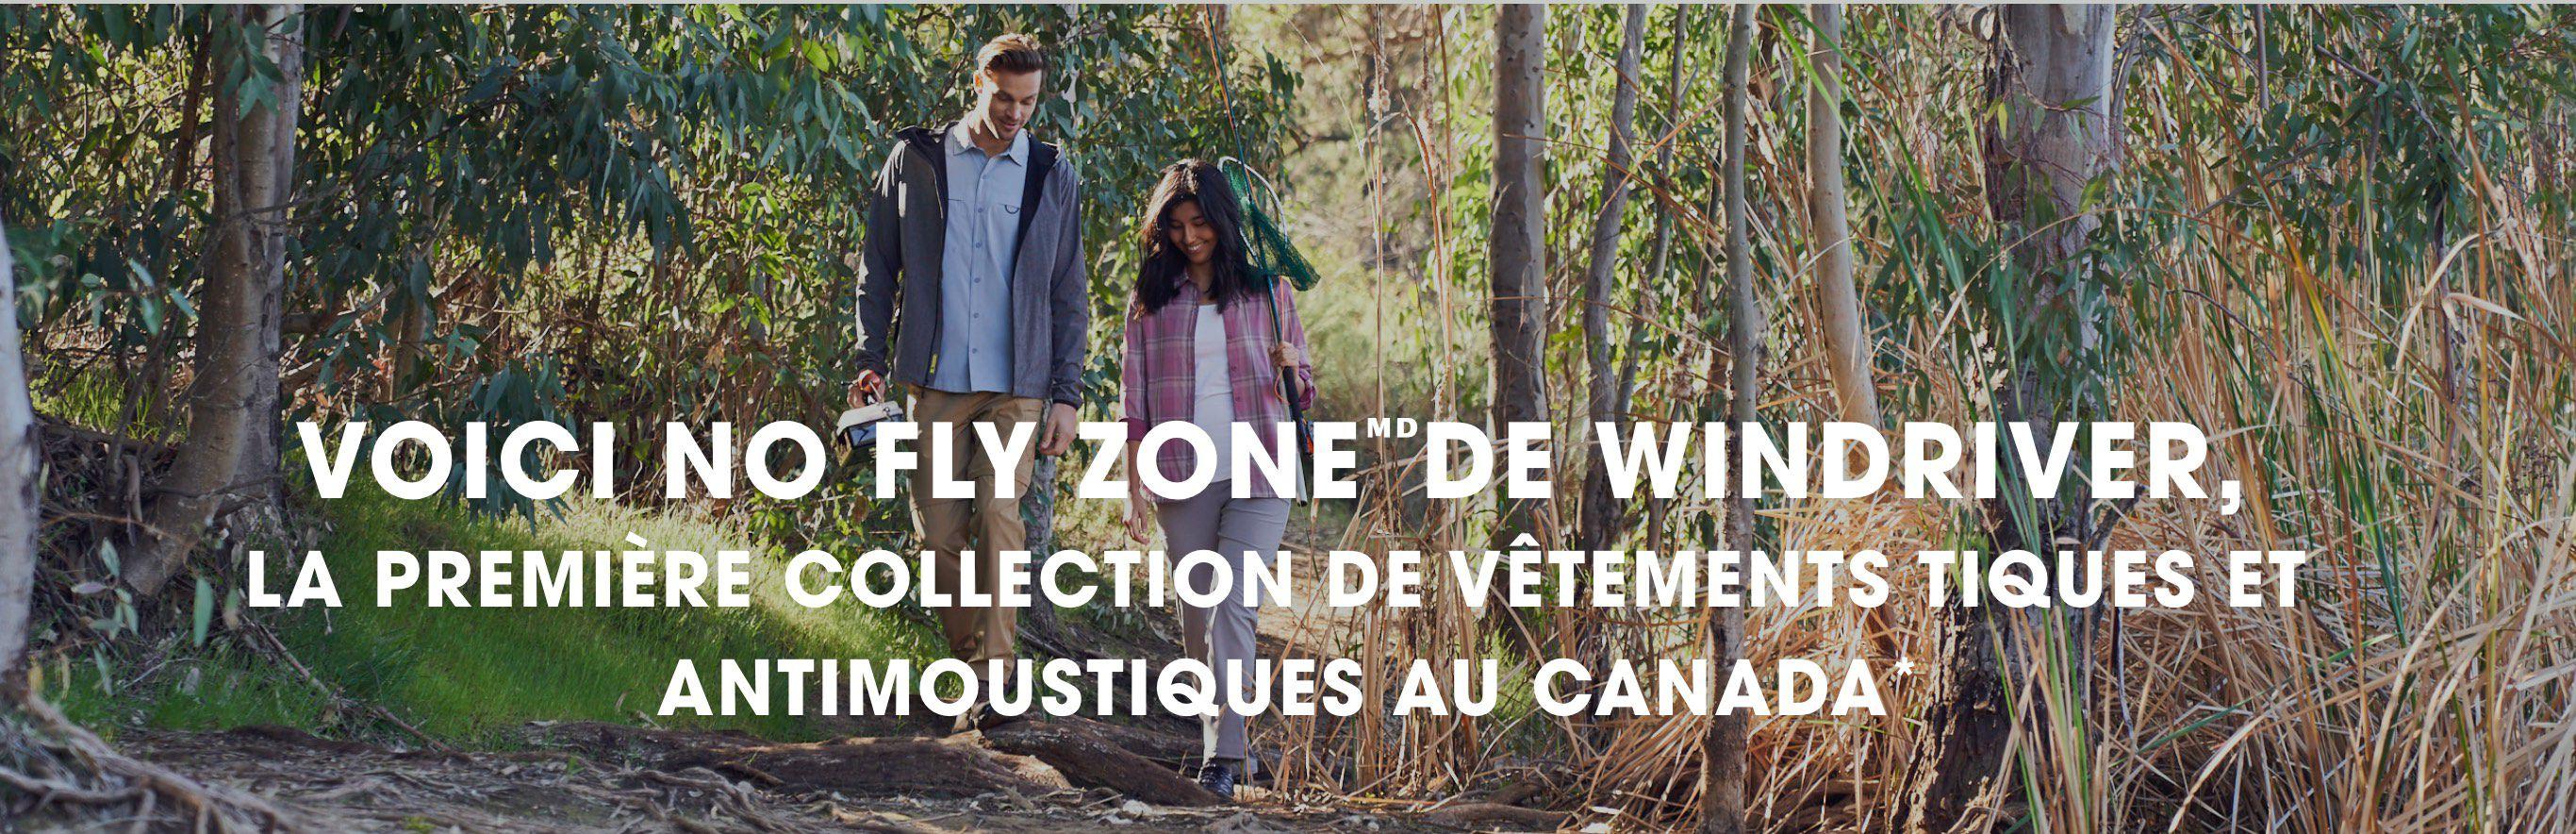 La première collection de vêtements tiques et antimoustiques au Canada.